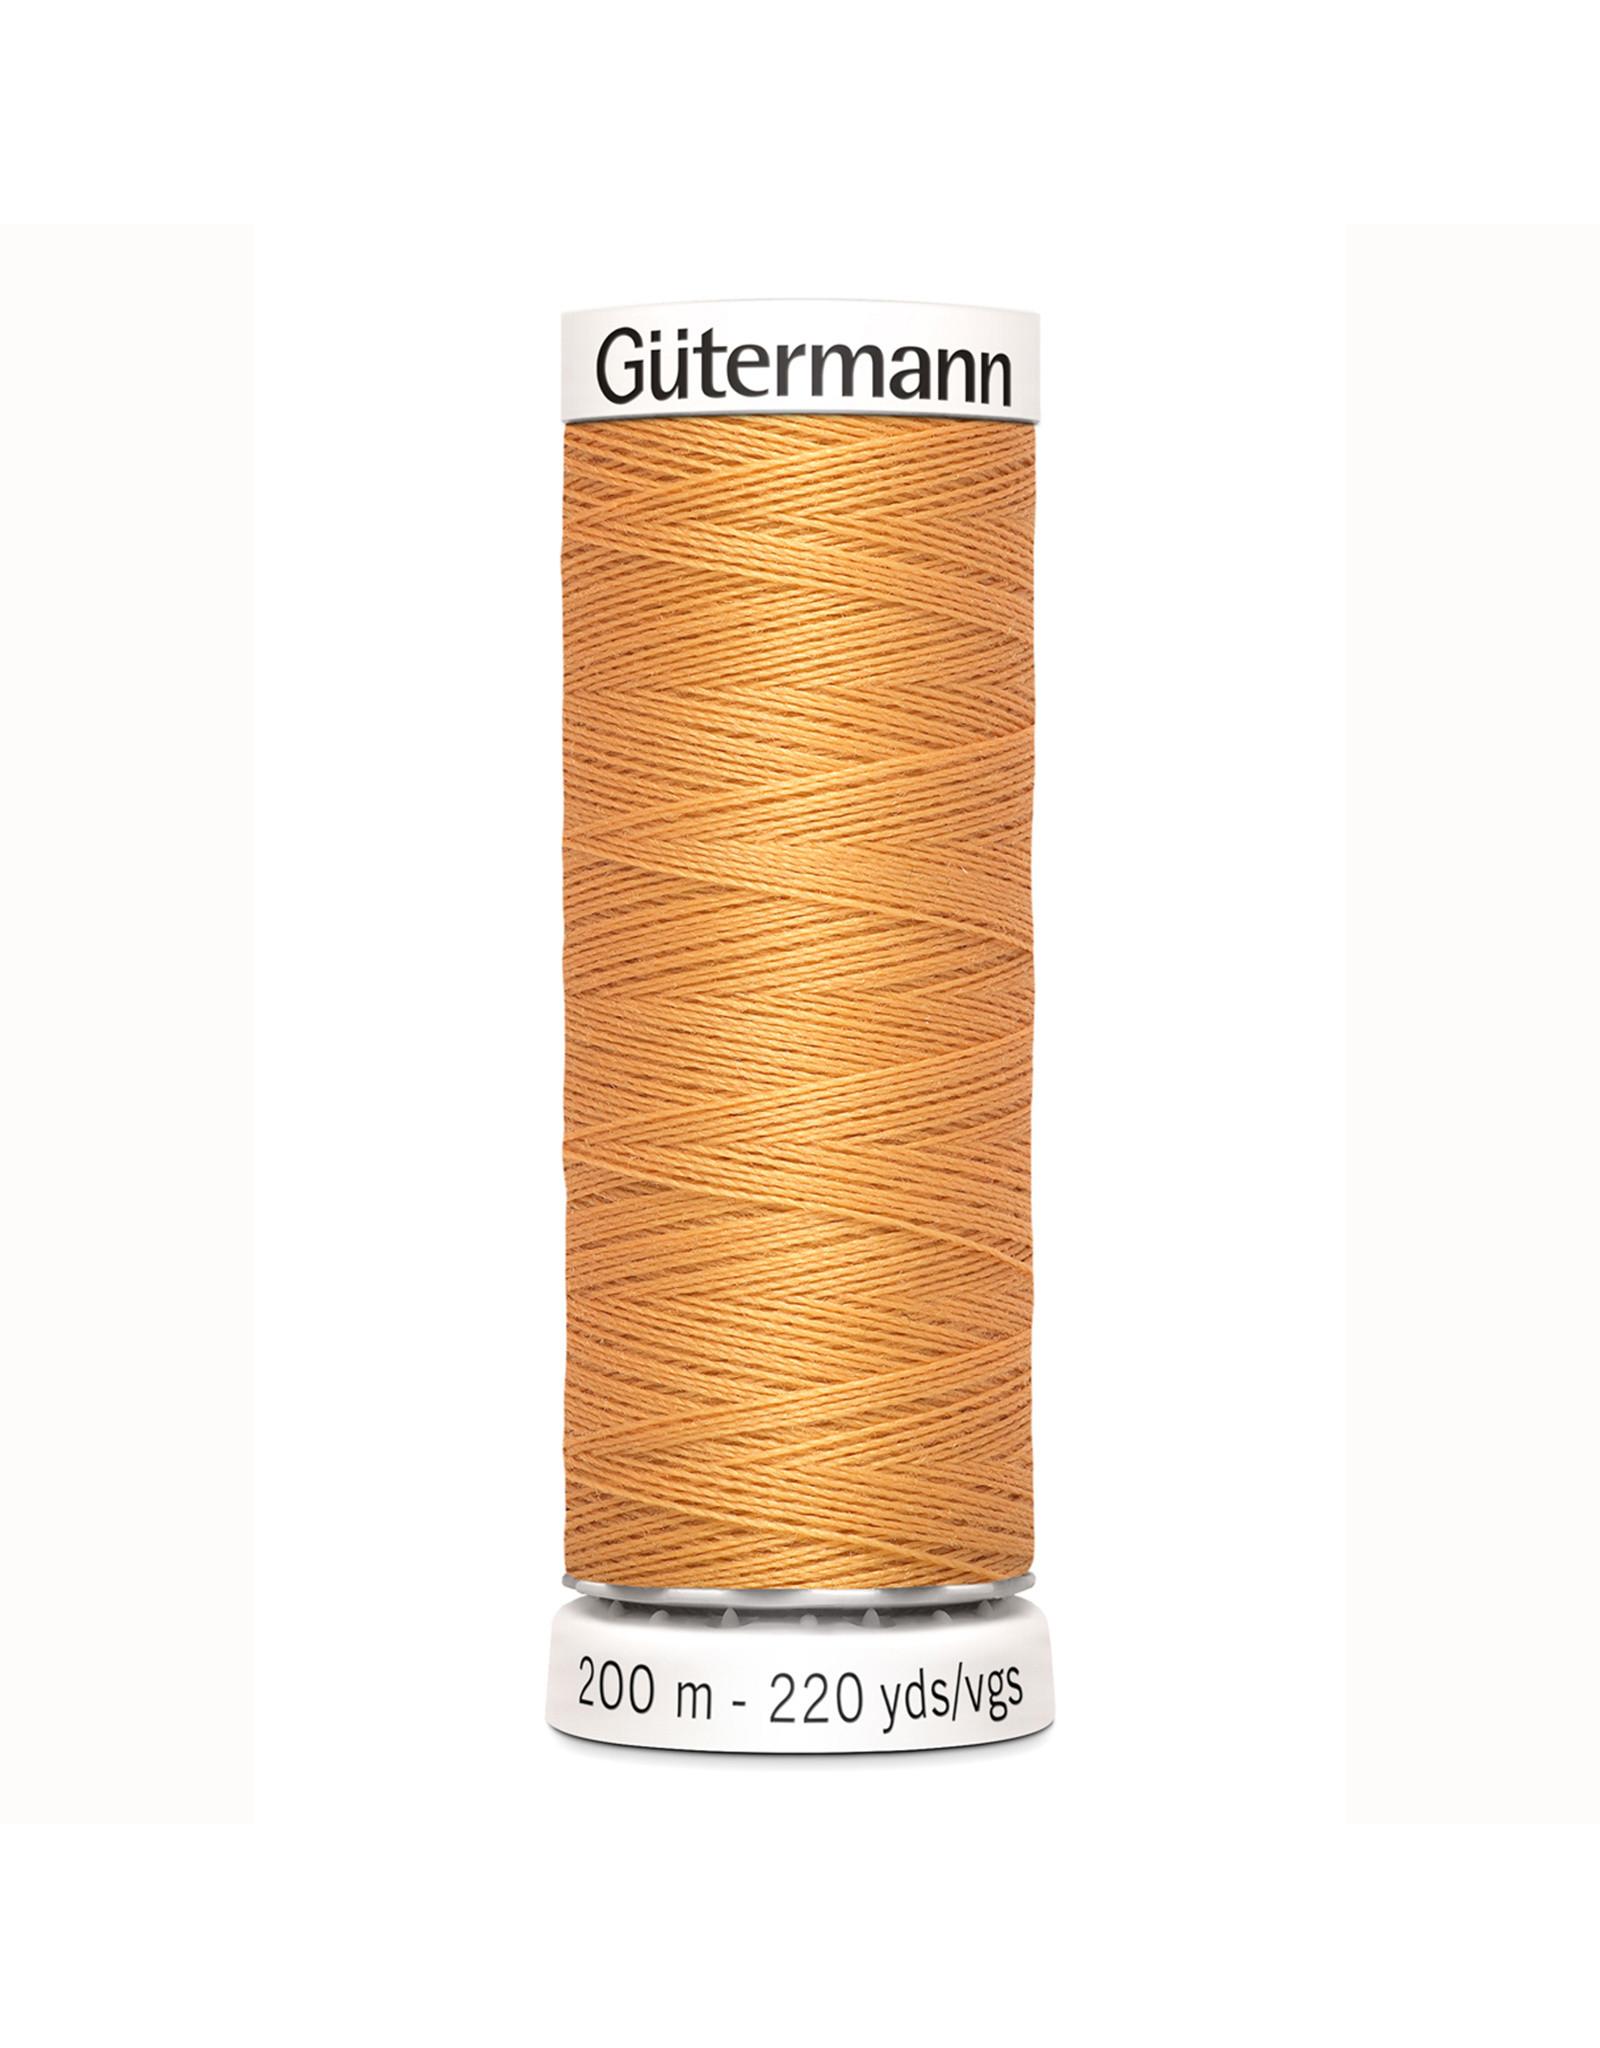 Gütermann Gütermann Nähgarn 200 m - nr 300